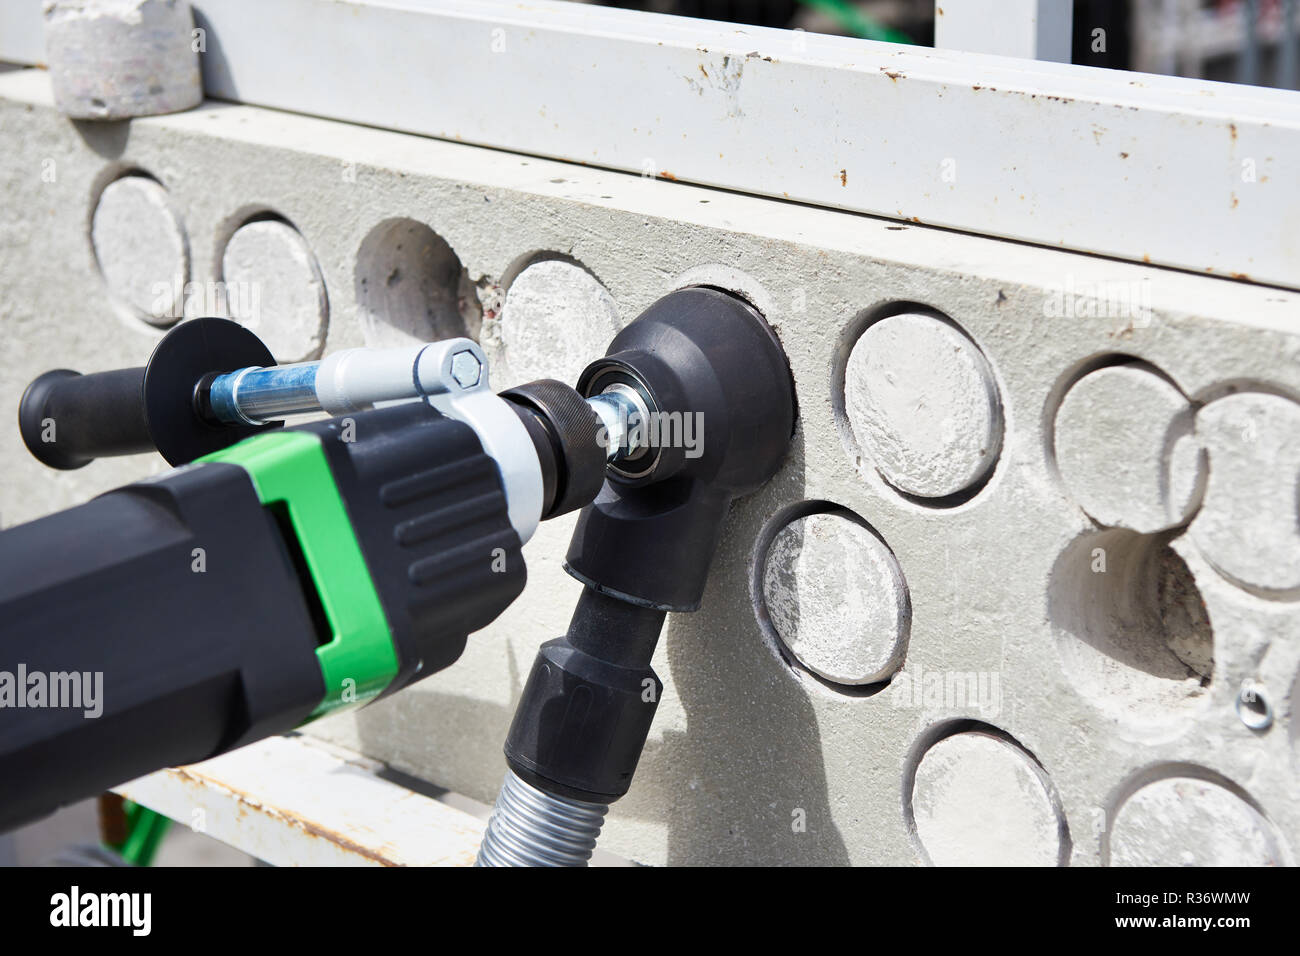 bohrer locher für beton mit einer düse für staubabsaugung stockfoto